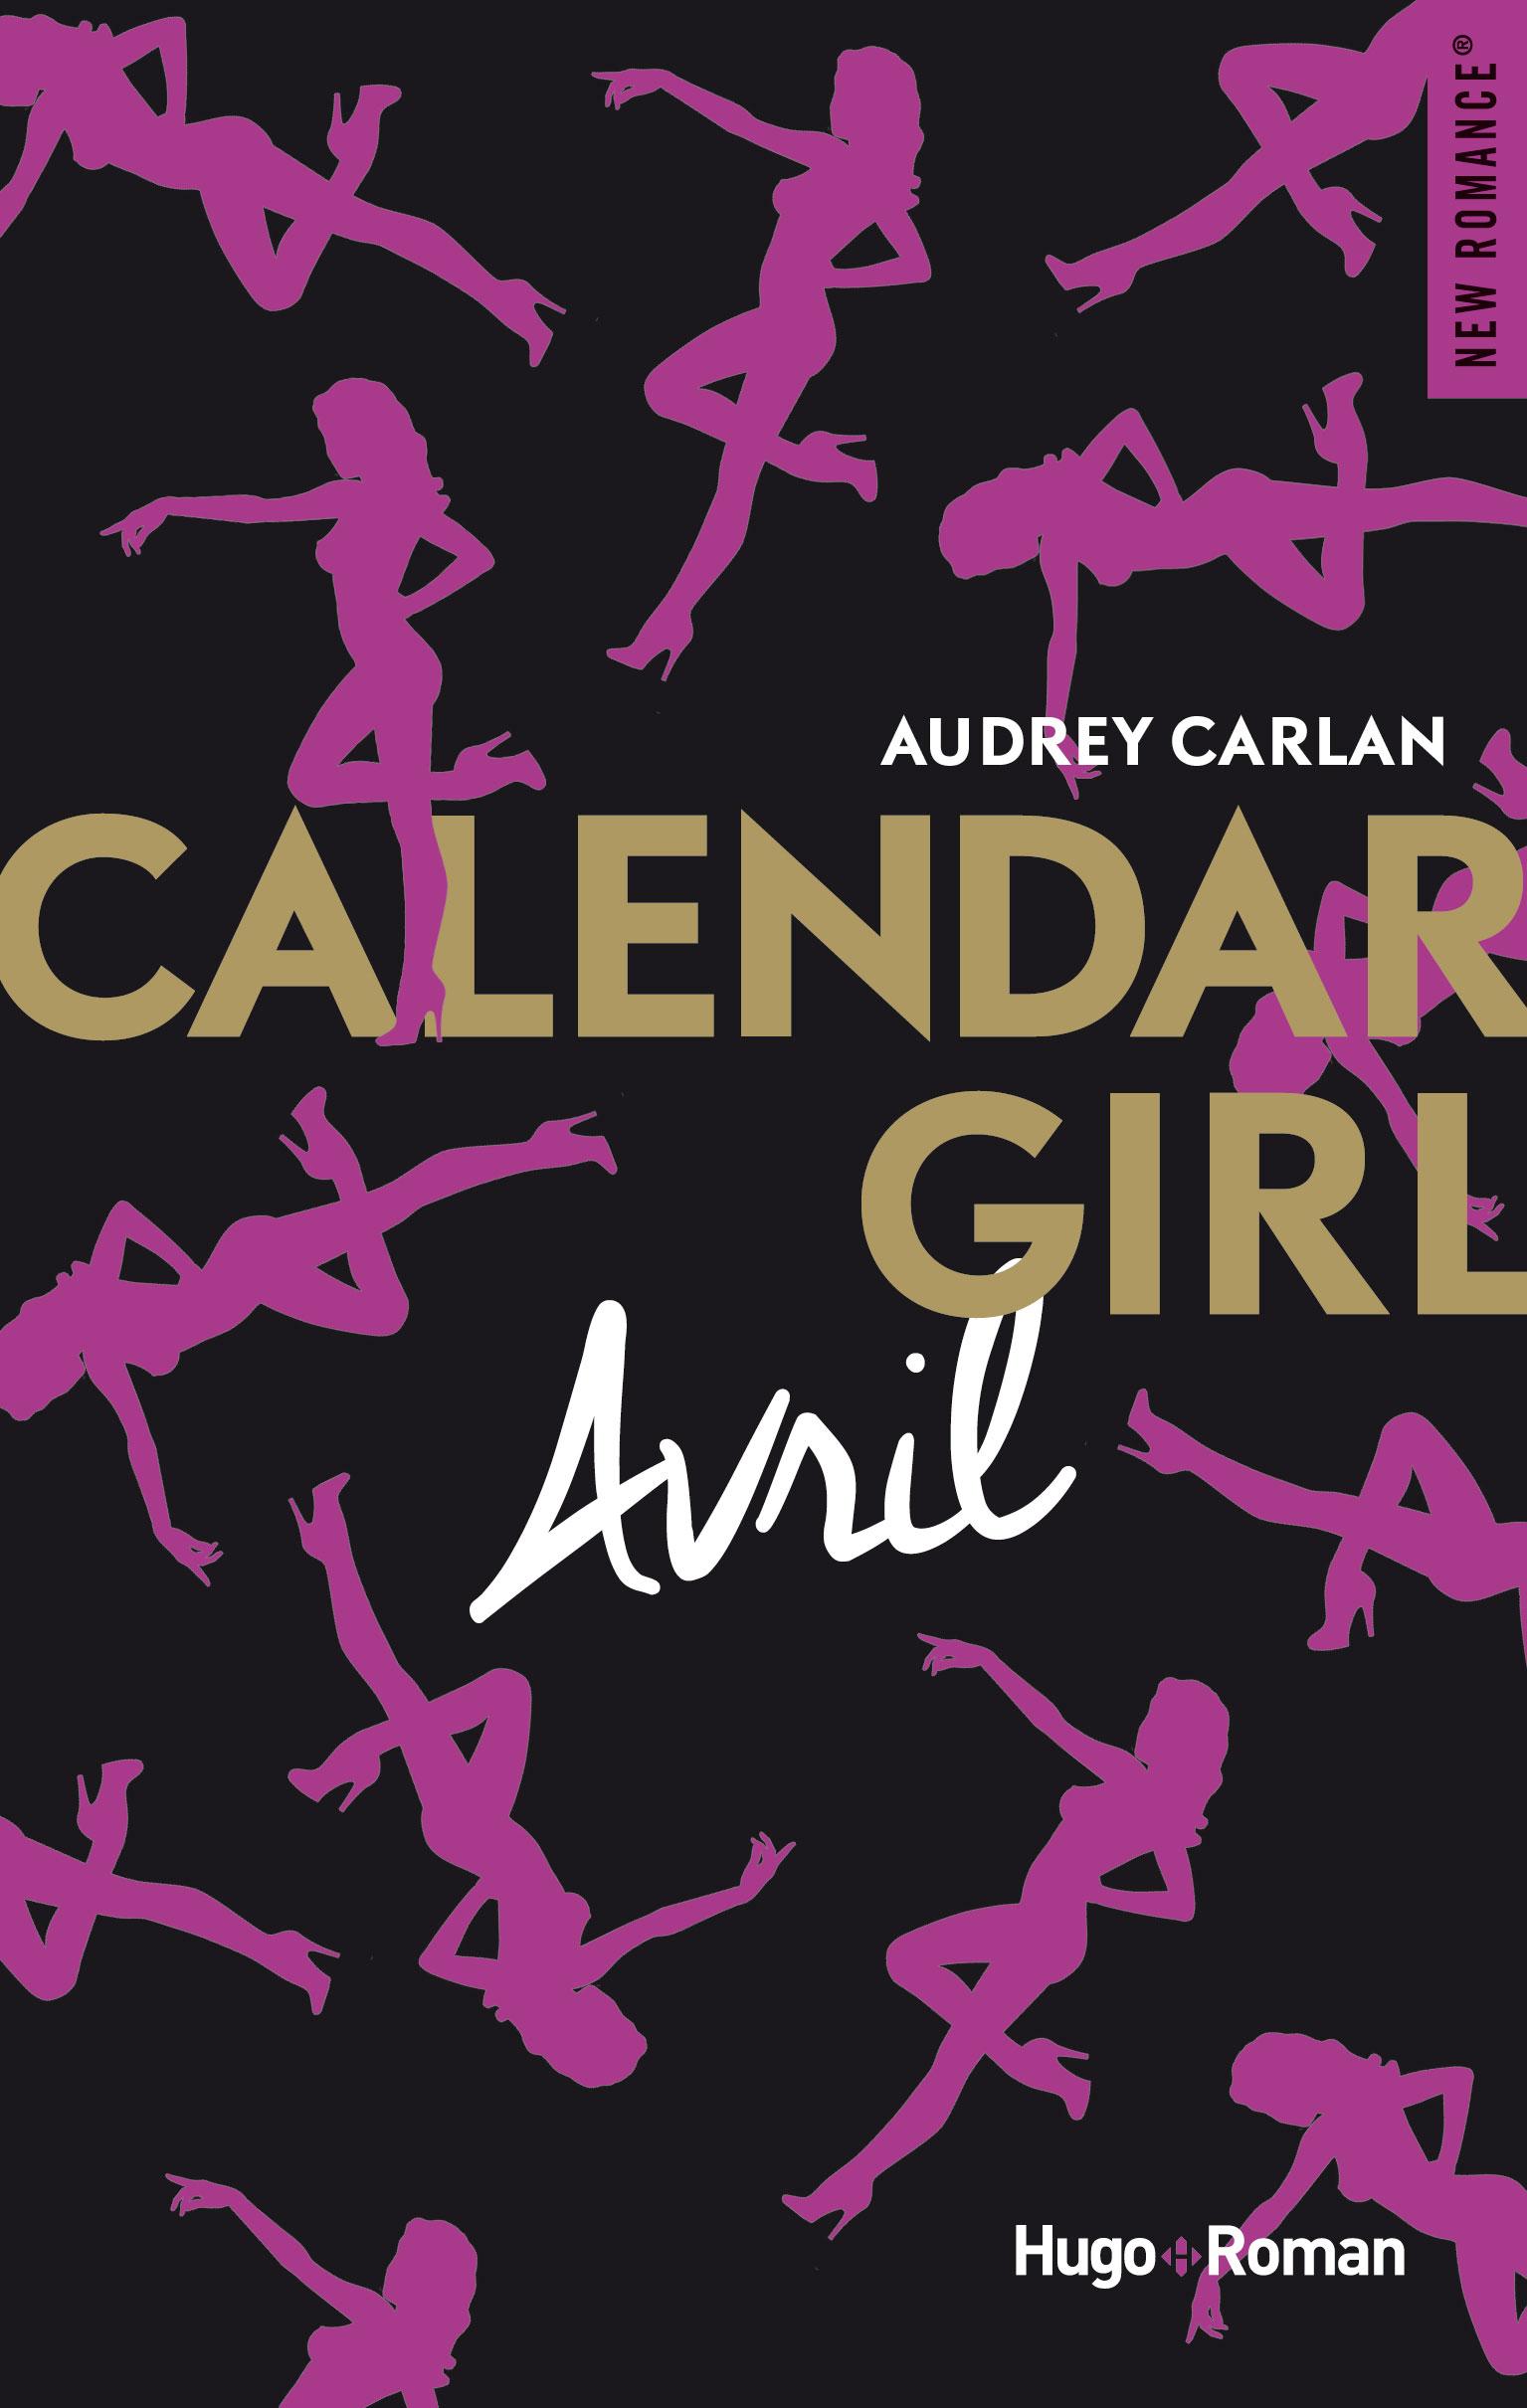 """Résultat de recherche d'images pour """"Calendar Girl - Avril de Audrey Carlan"""""""